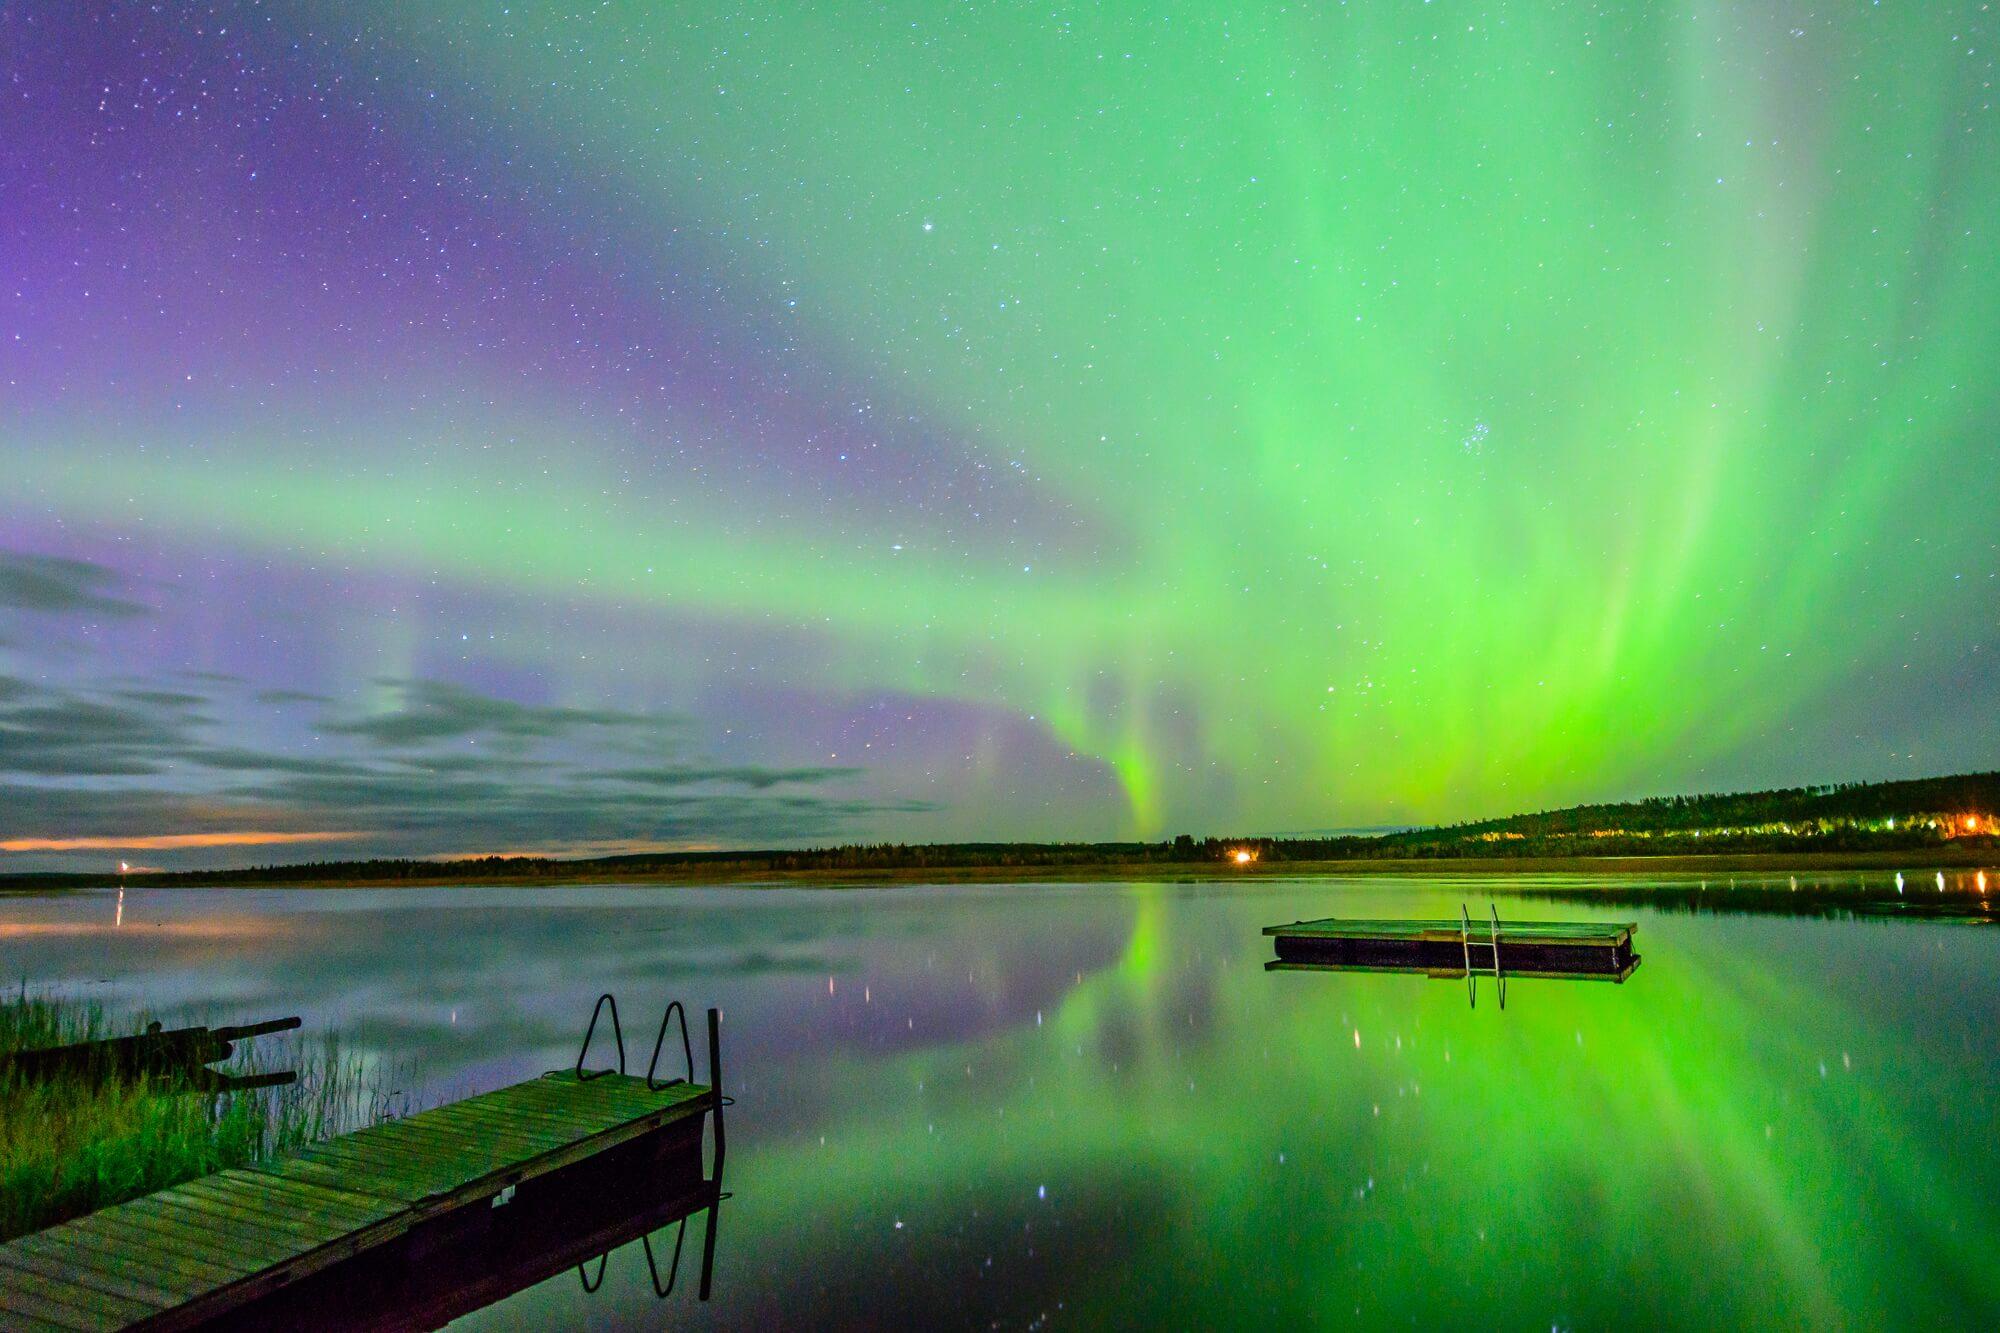 Finnland - Das erste Mal Nordlichter, eines der schönsten Naturschauspiele, die wir erlebt haben